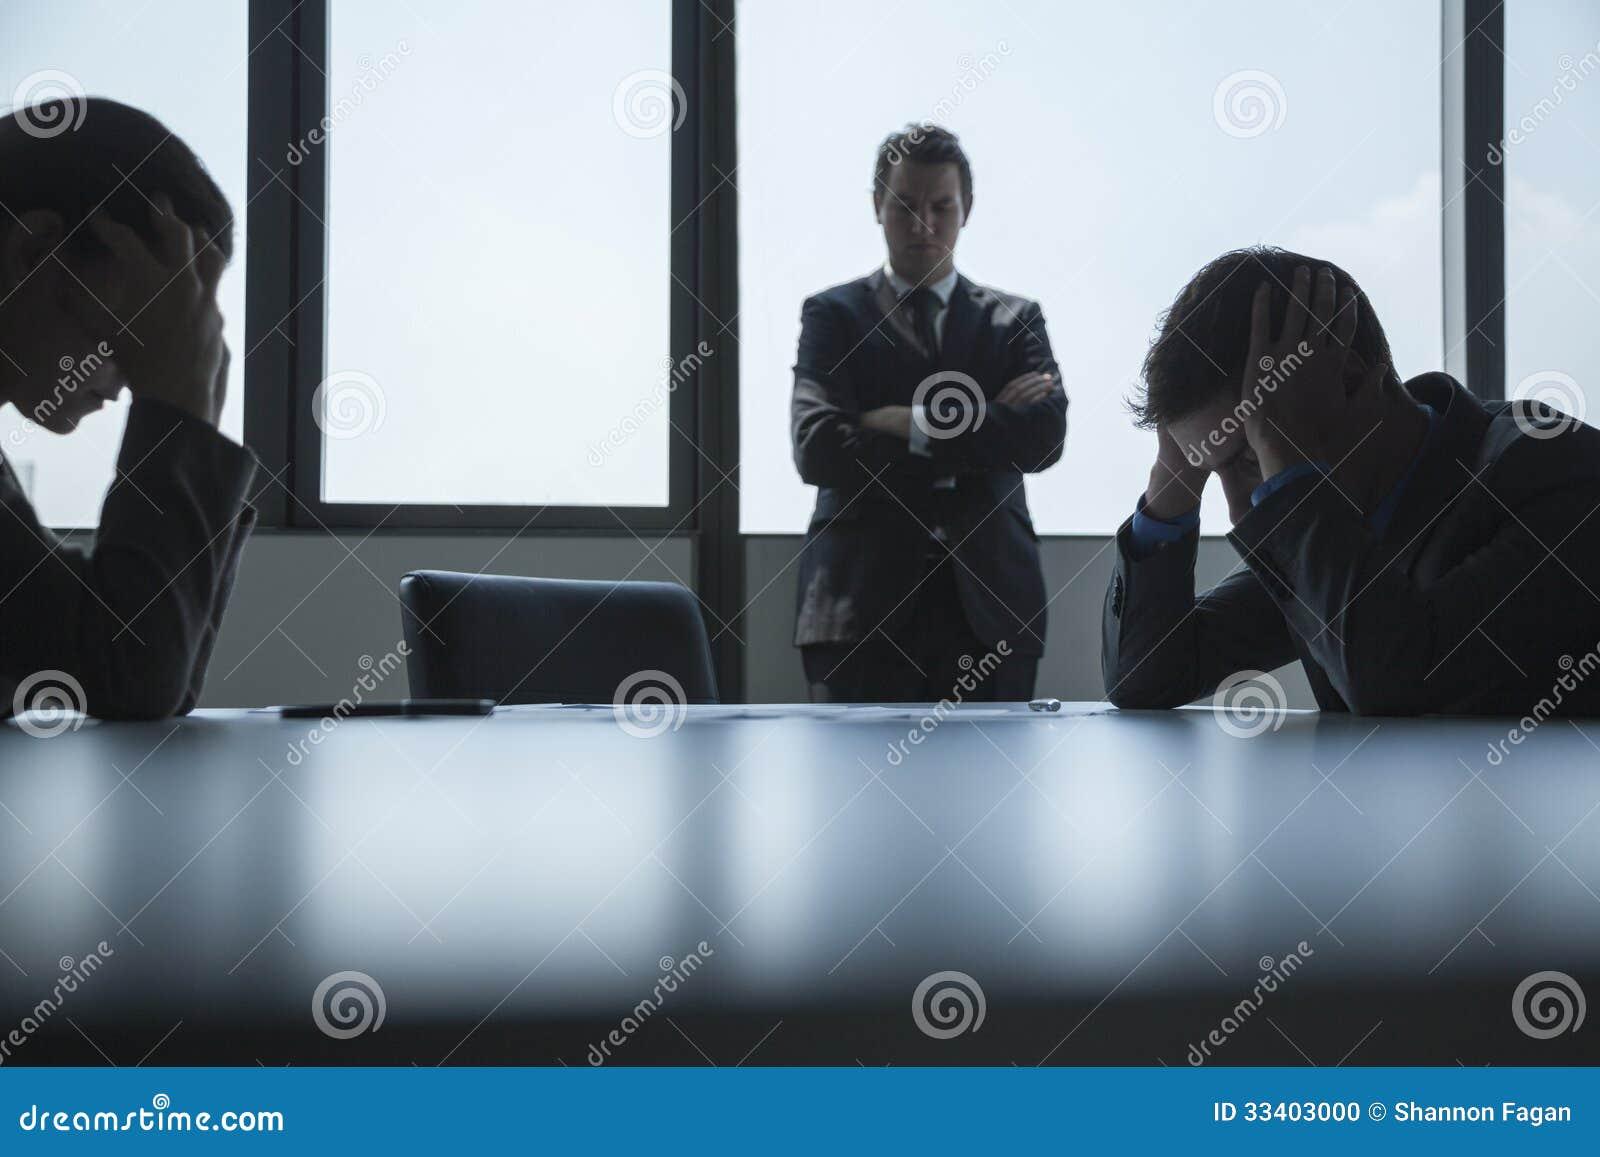 Tres frustrados y hombres de negocios trabajados demasiado en la sala de juntas con los brazos cruzados y principales en manos.